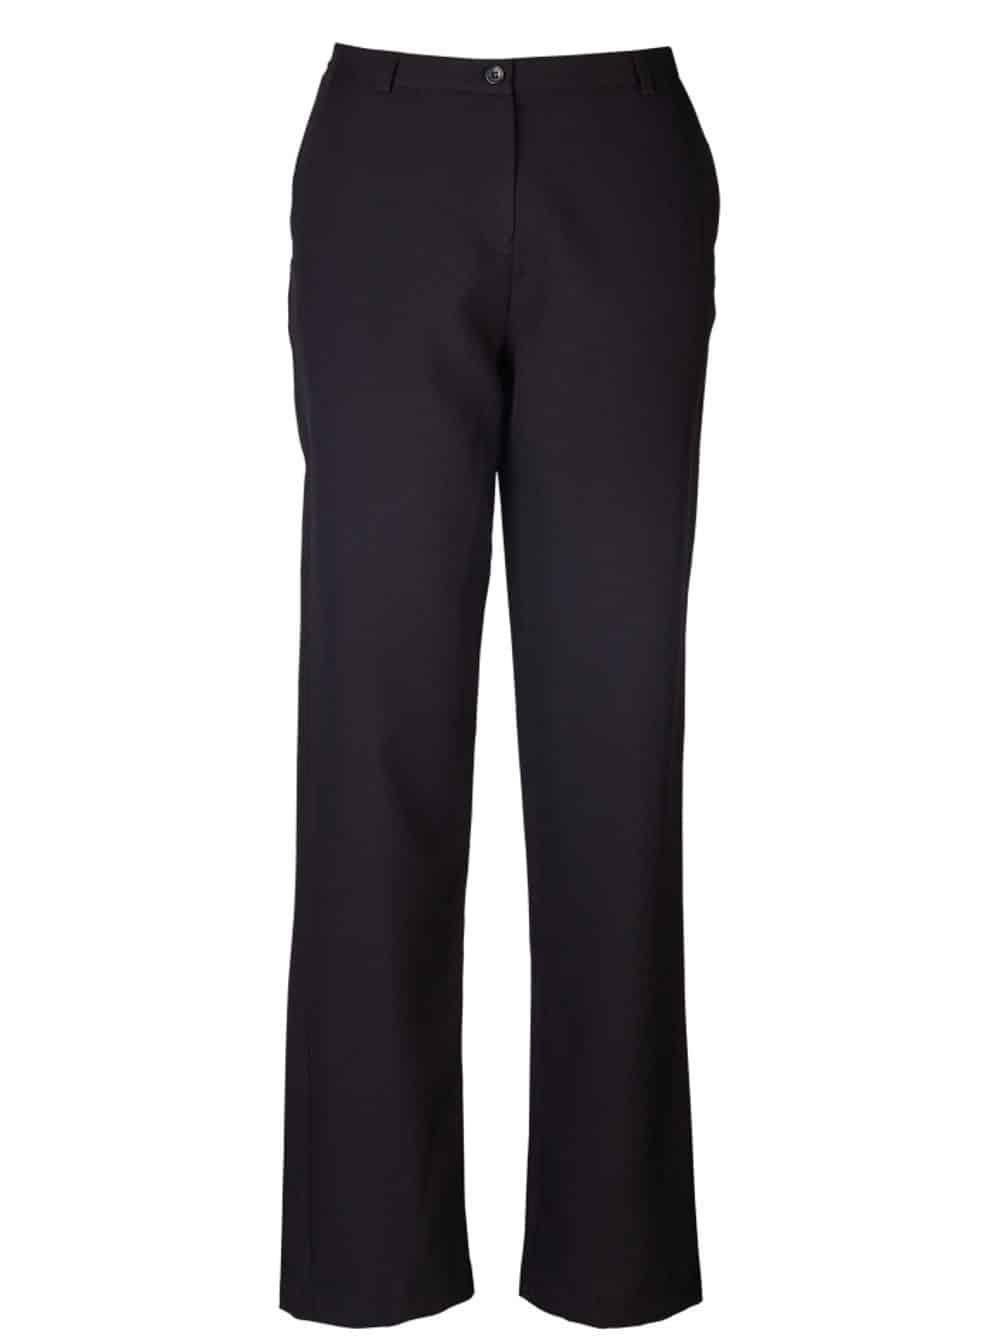 Ladies Slacks Formal Wear